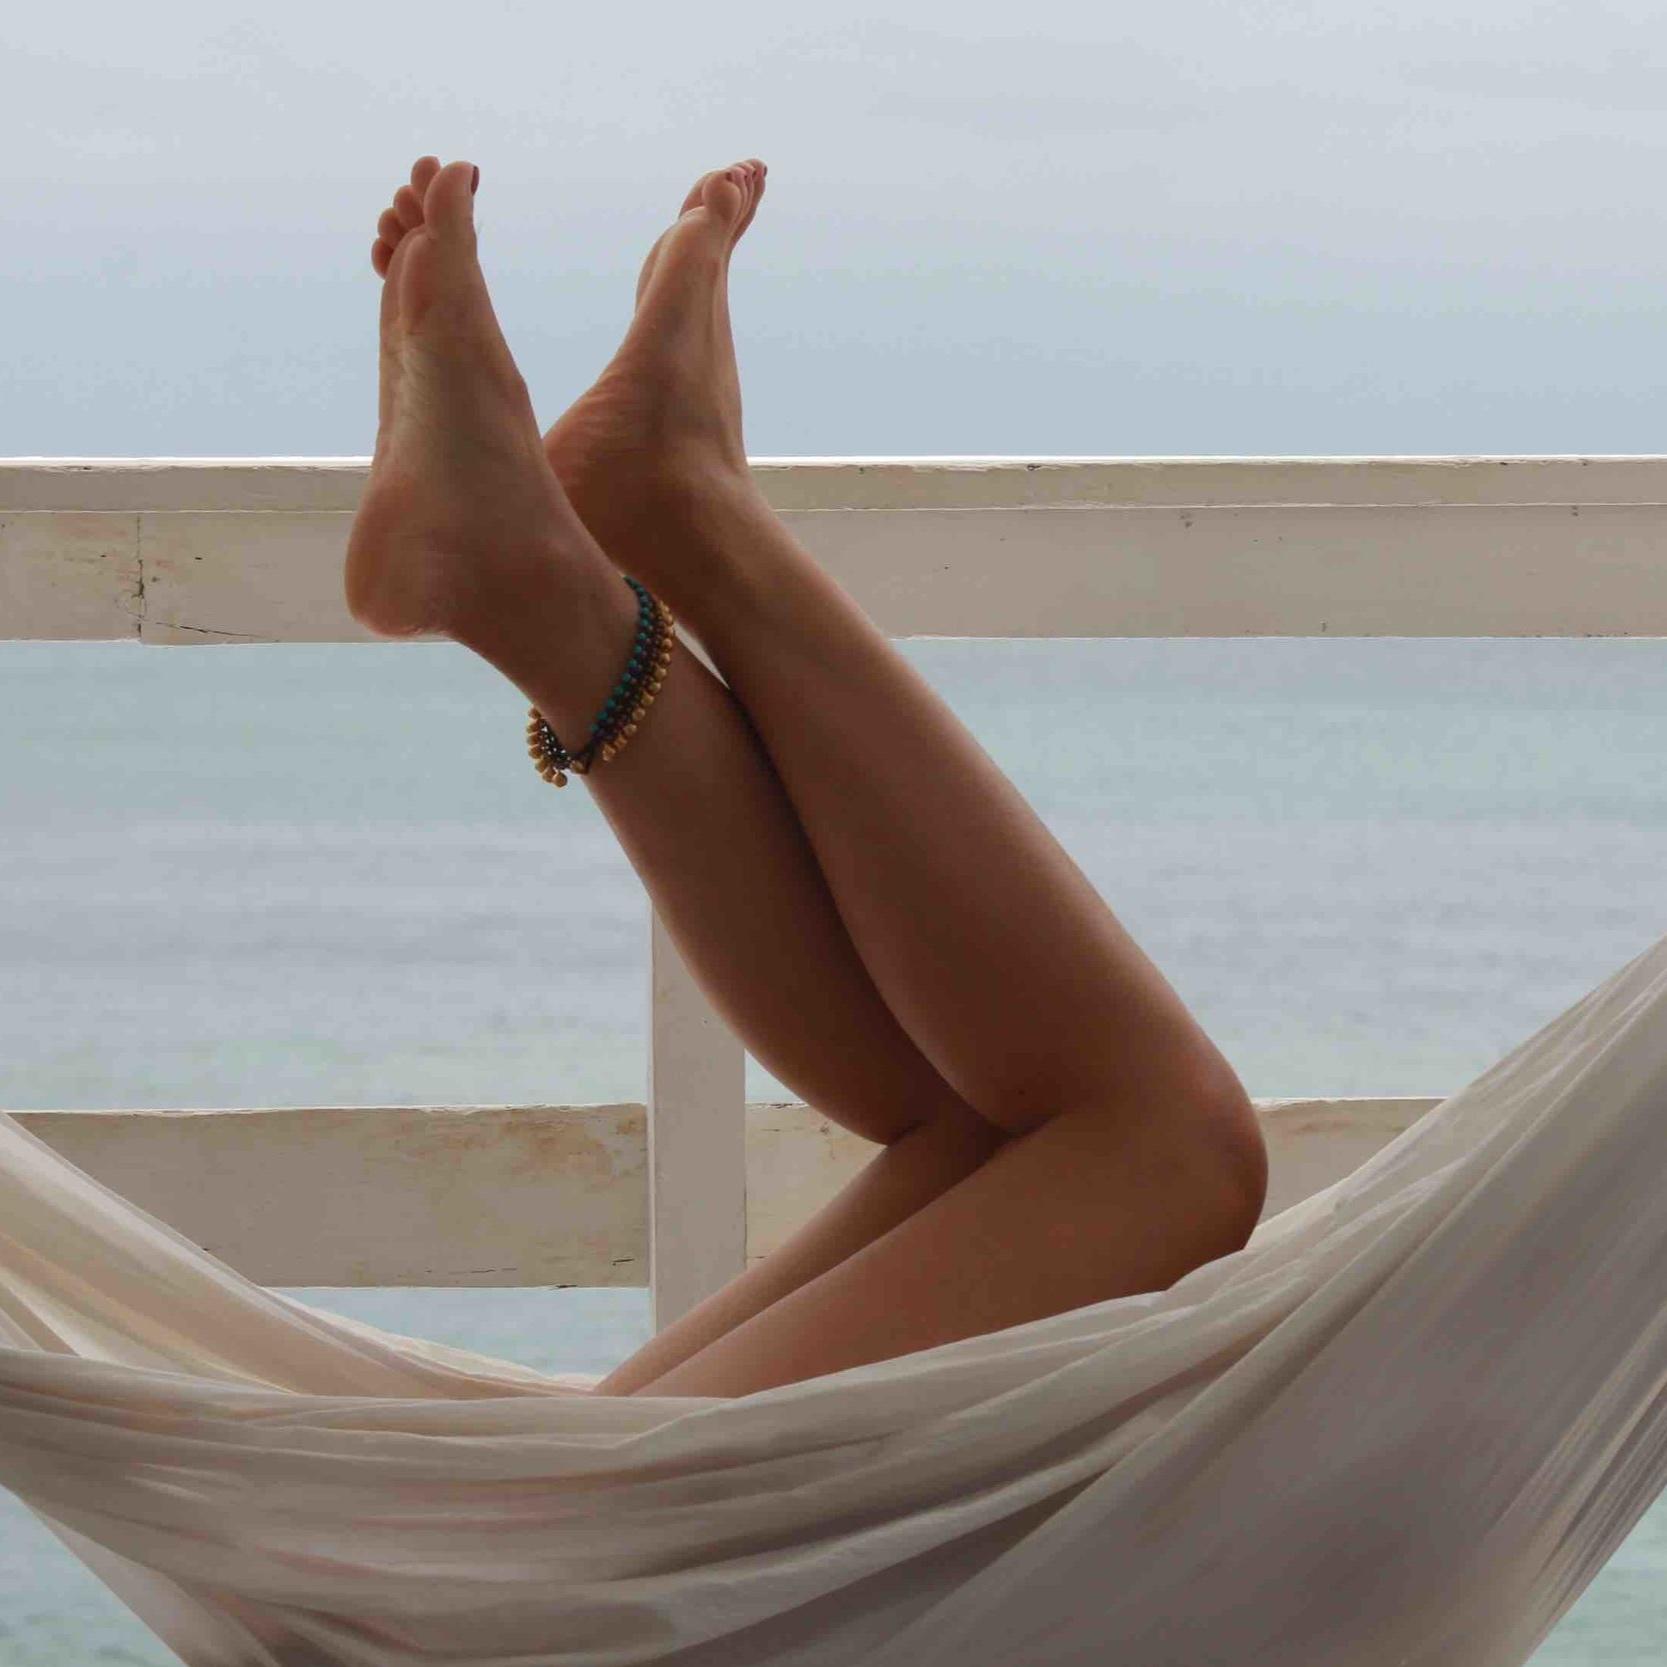 Effettuare un massaggio anticellulite - Prima di cominciare, sfregate le mani per riscaldarle.1 - Versate sul palmo della mano la Crema Anti Cellulite di Fiori di Cipria2 - Applicate la crema partendo dalla caviglia e proseguendo verso l'alto fino all'inguine3 - Massaggiate il piede partendo dall'attaccatura delle dita e proseguendo fino al tallone effettuando movimenti circolari con l'alluce4 - Accarezzate più volte la gamba, come per infilare una calza, premendo sempre di più ad ogni passaggio. Sopra le ginocchia, massaggiate verso l'esterno esercitando pressione con i soli pollici e risalite lungo le cosce